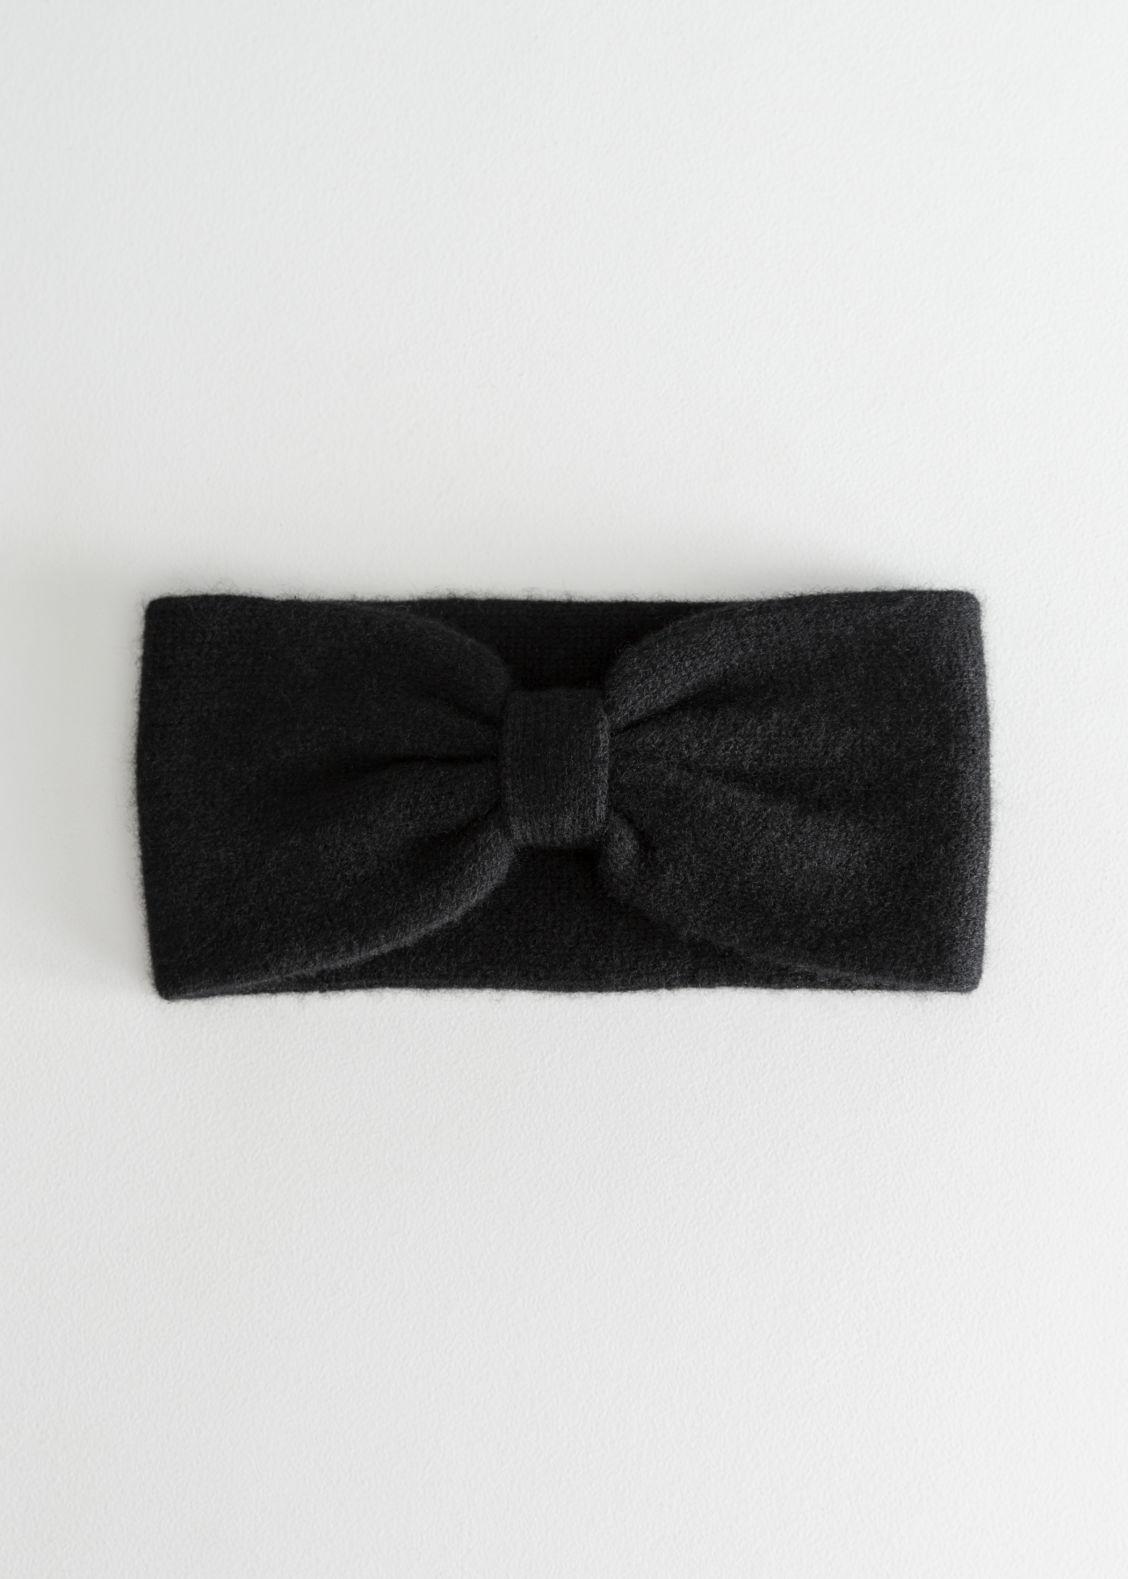 앤 아더 스토리즈 헤드밴드 & OTHER STORIES Cashmere Knit Bow Headband,Black